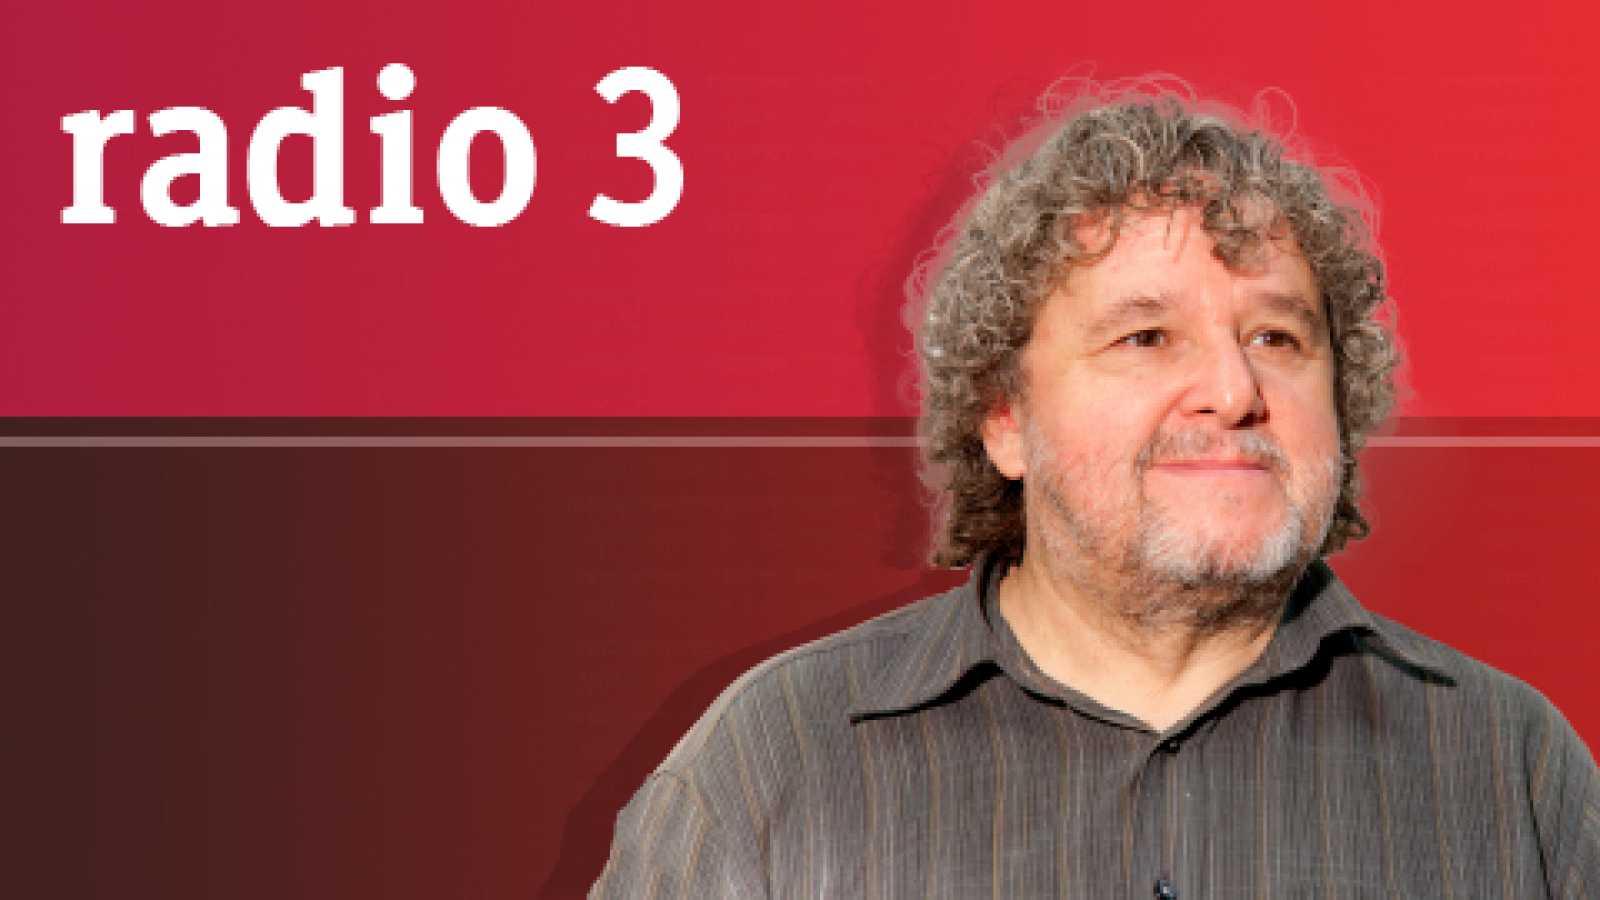 """Disco Grande - """"Pepi, Luci, Bom..."""" cumple 40 años y el sello Heavenly, 30 - 27/10/20 - escuchar ahora"""